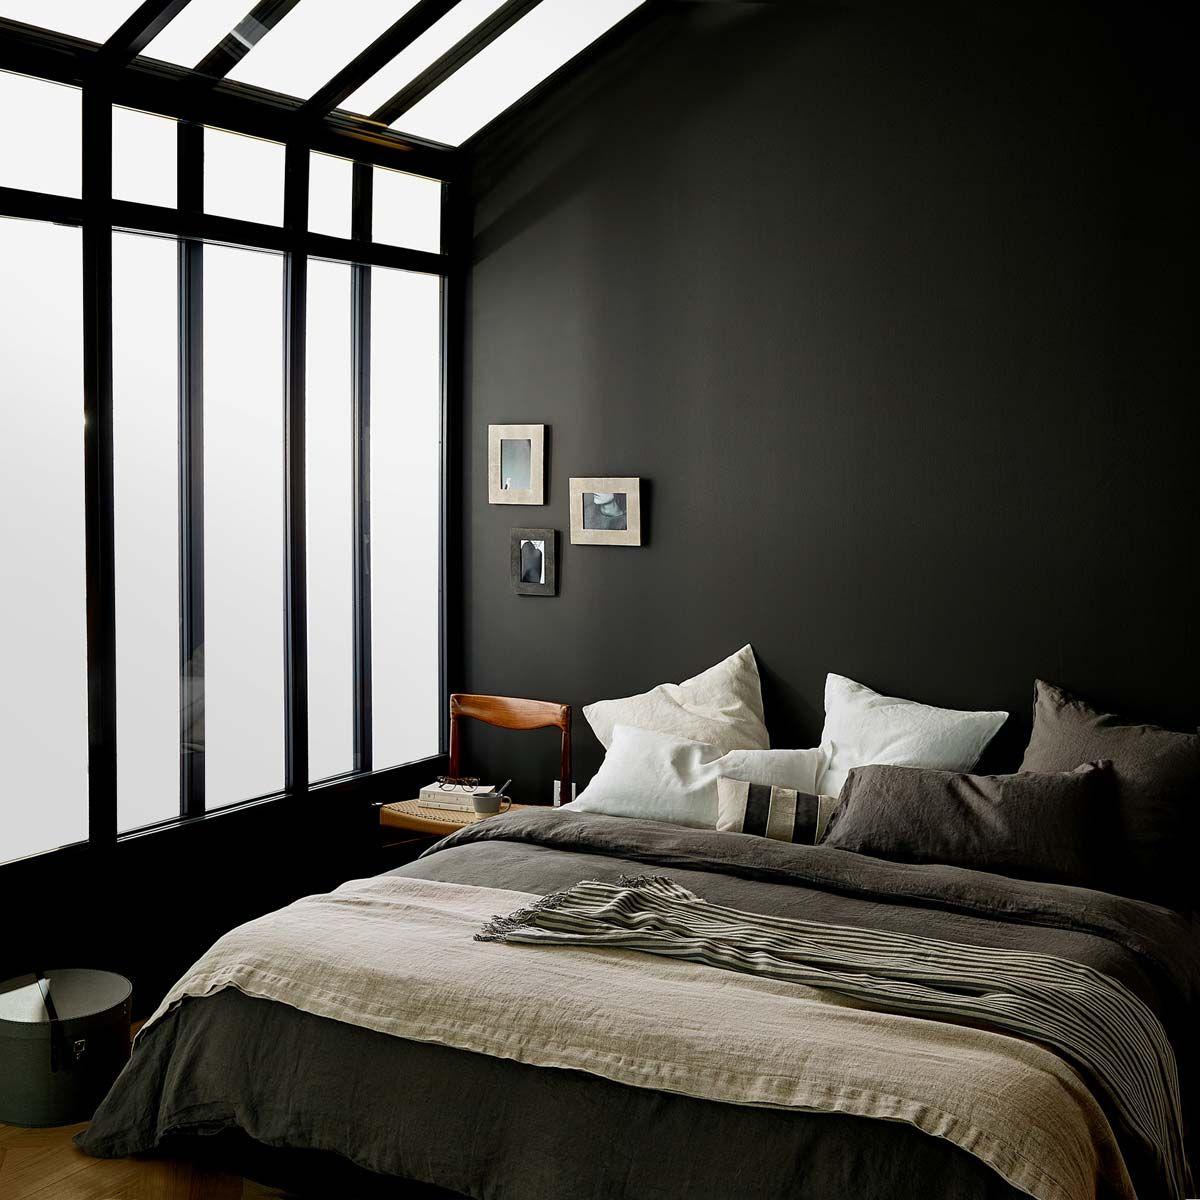 rustique couvre lit beige lin zara home. Black Bedroom Furniture Sets. Home Design Ideas